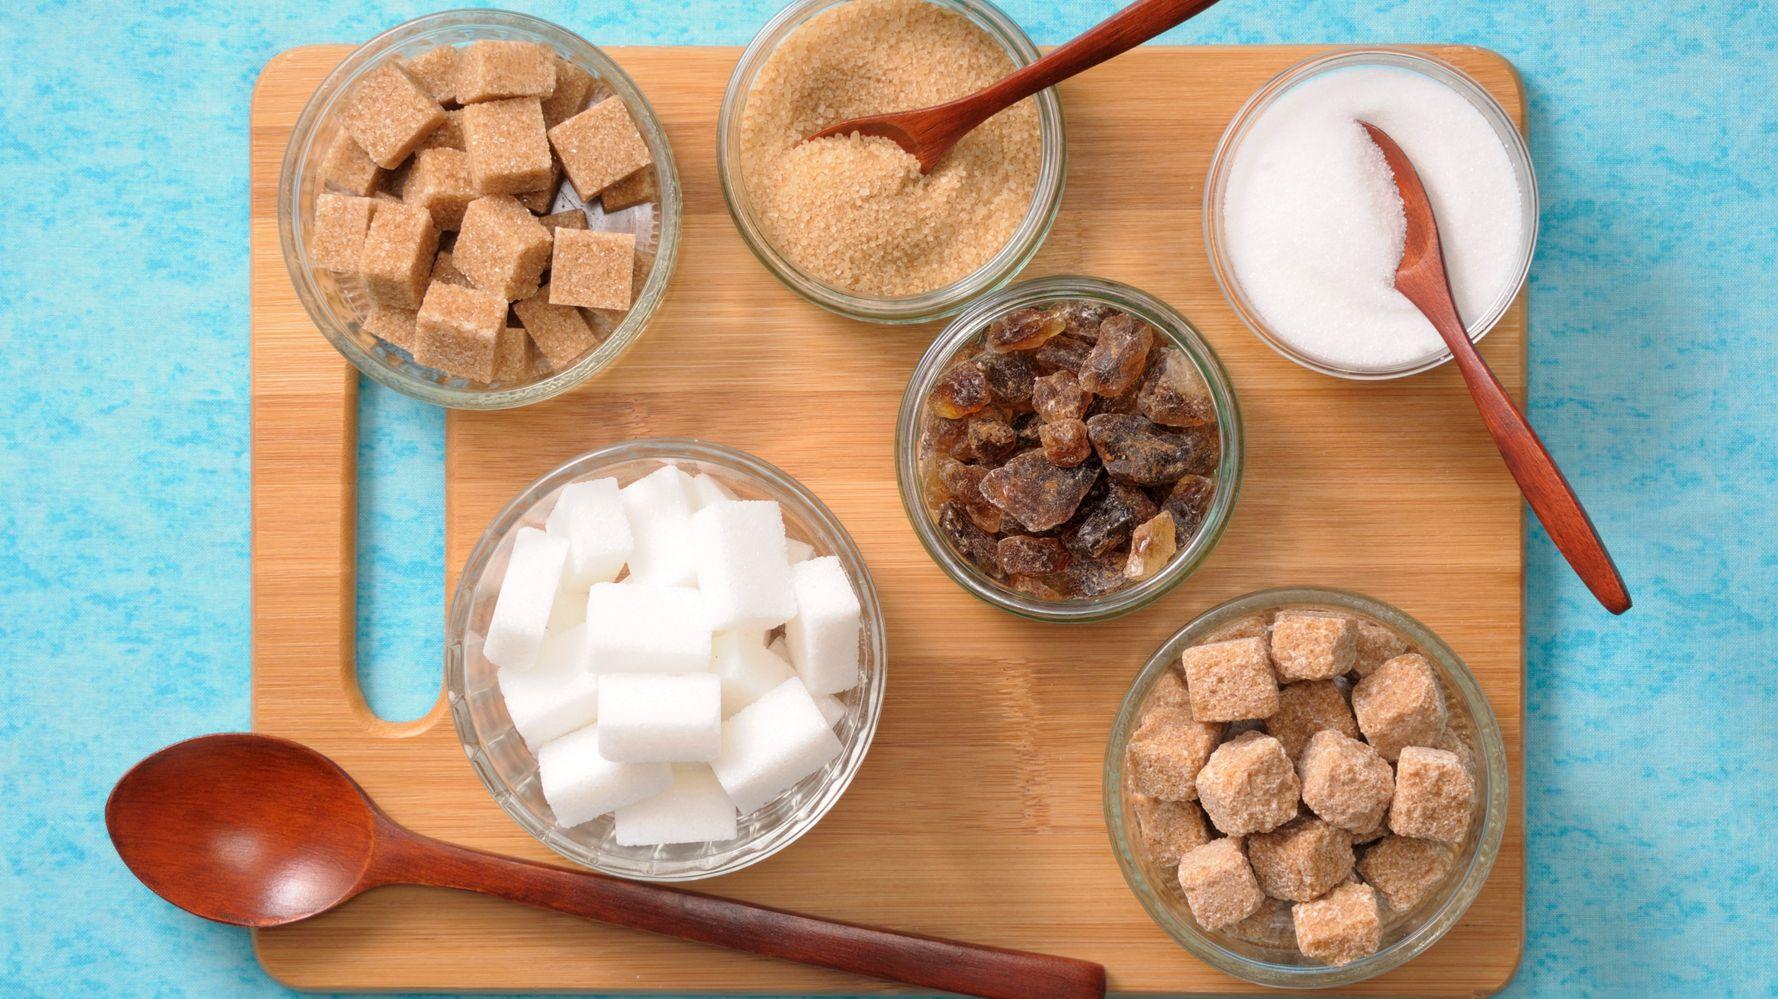 Qual o melhor açúcar? Listamos dos mais saudáveis aos piores no mercado